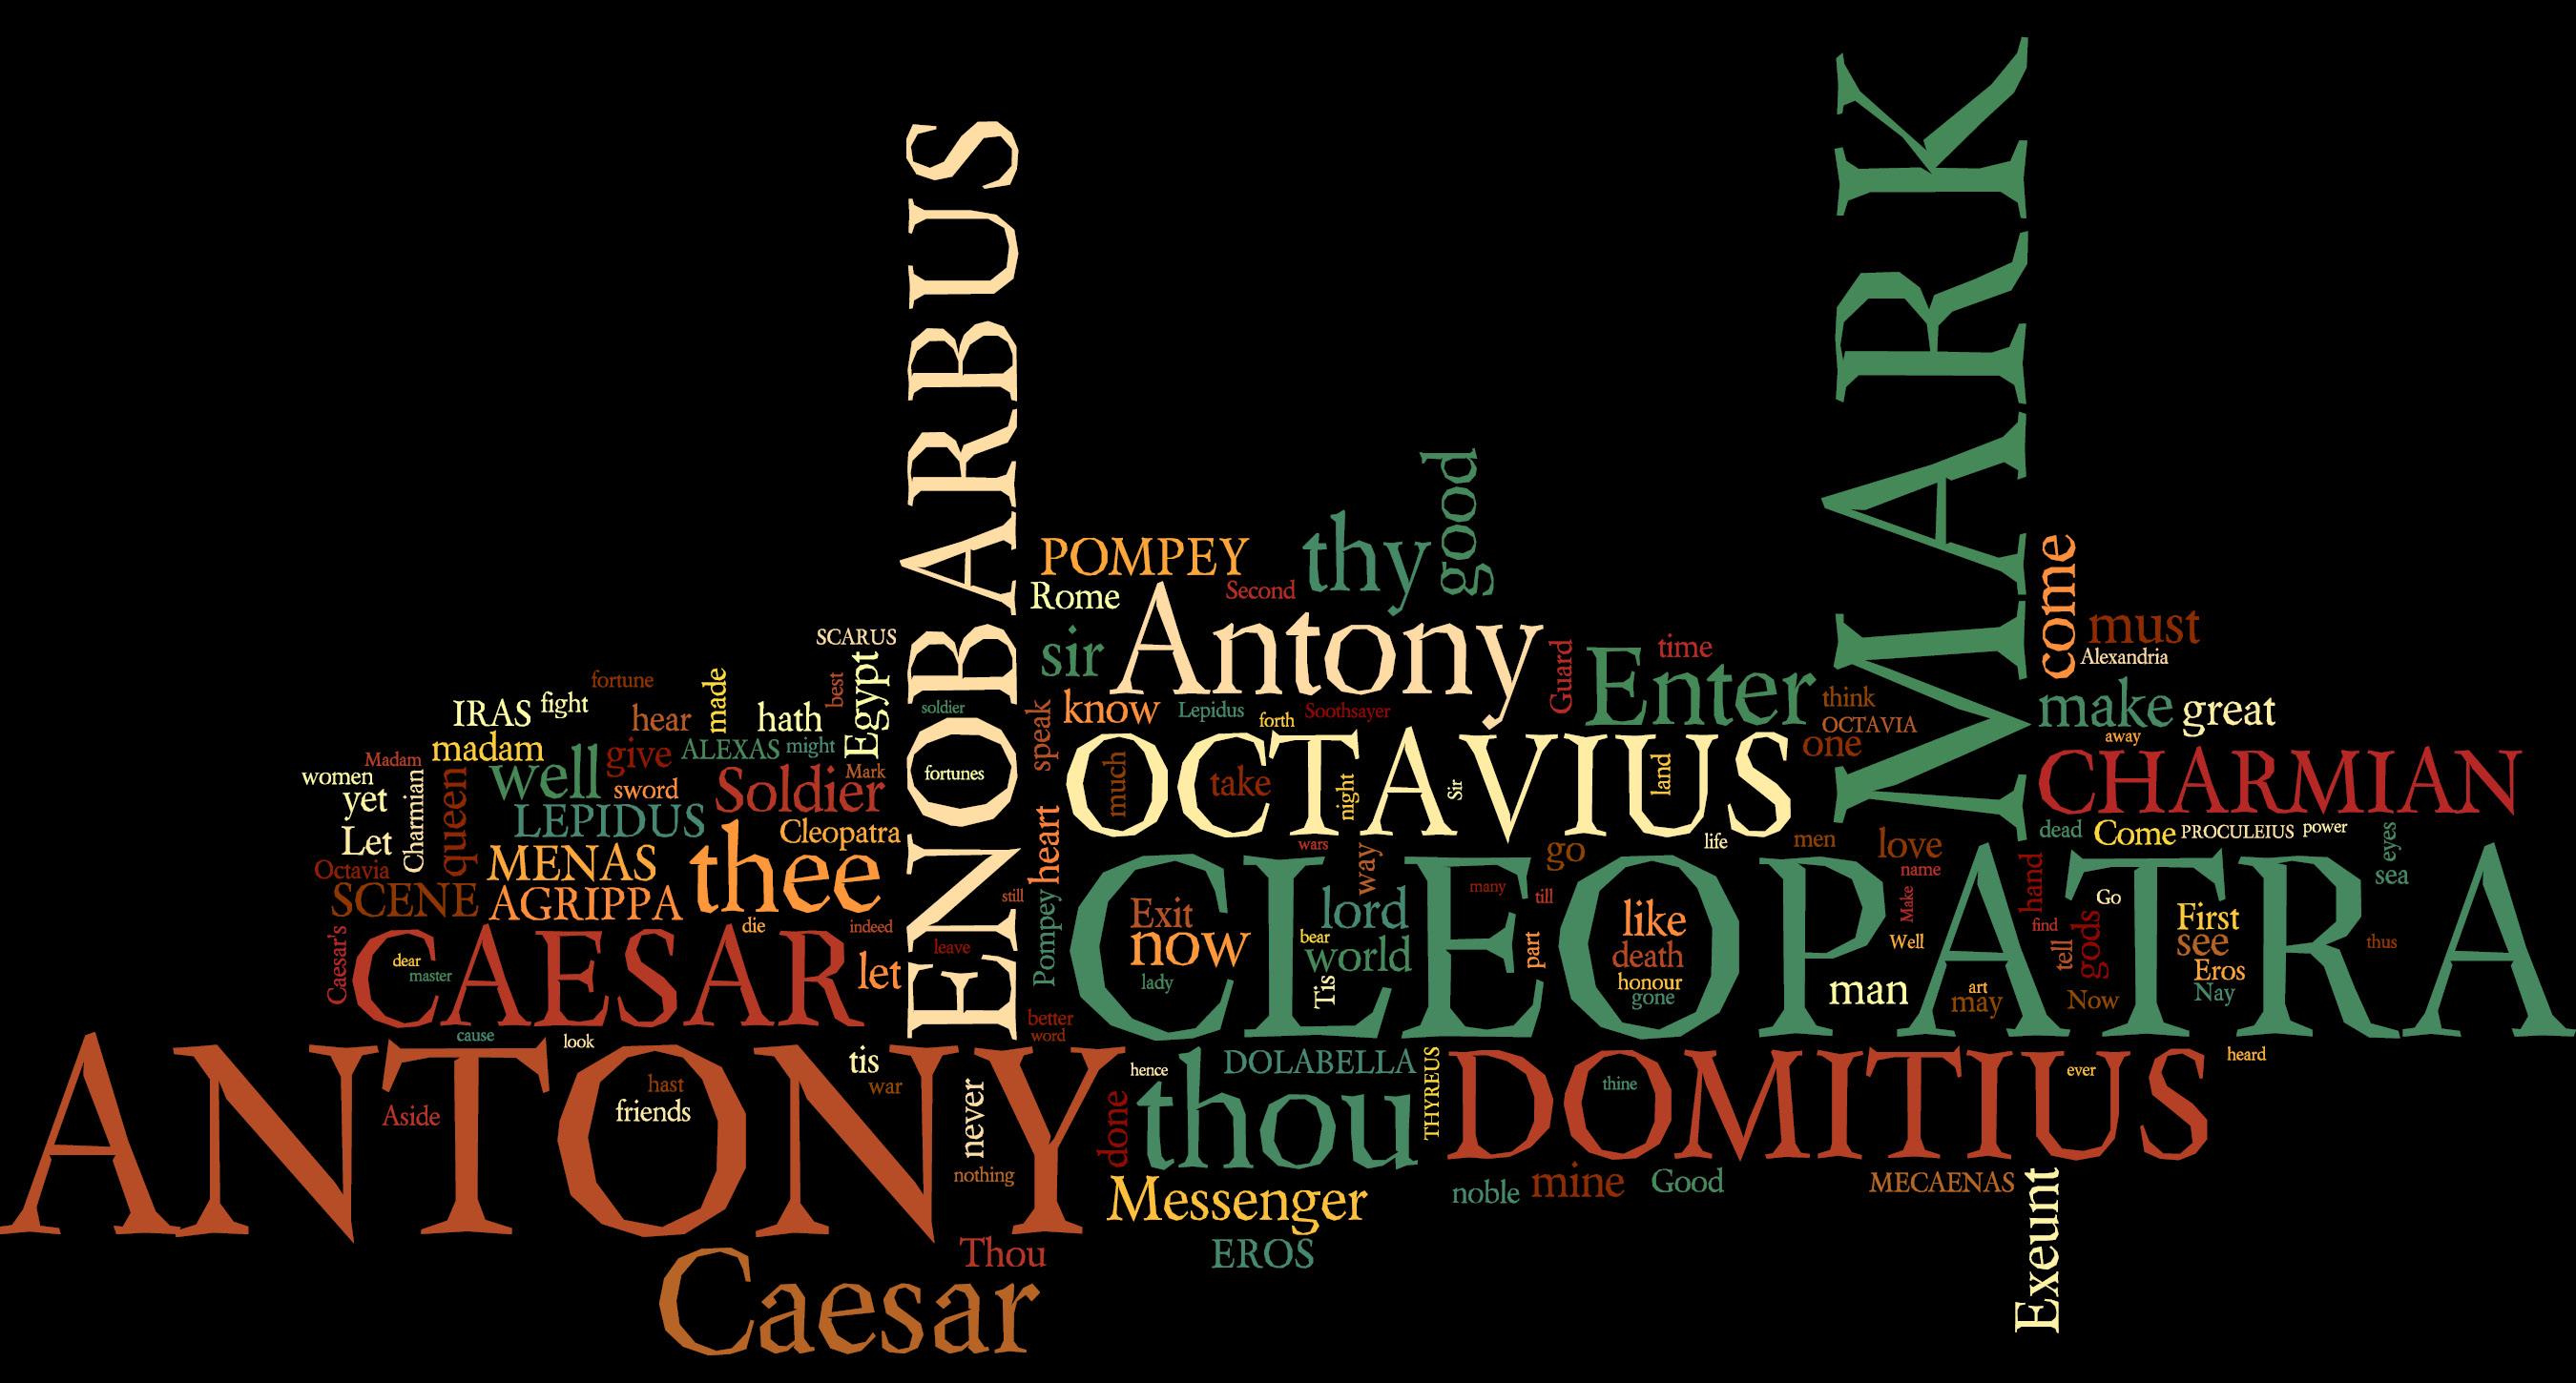 8 Reasons Why Antony and Cleopatra Rocks